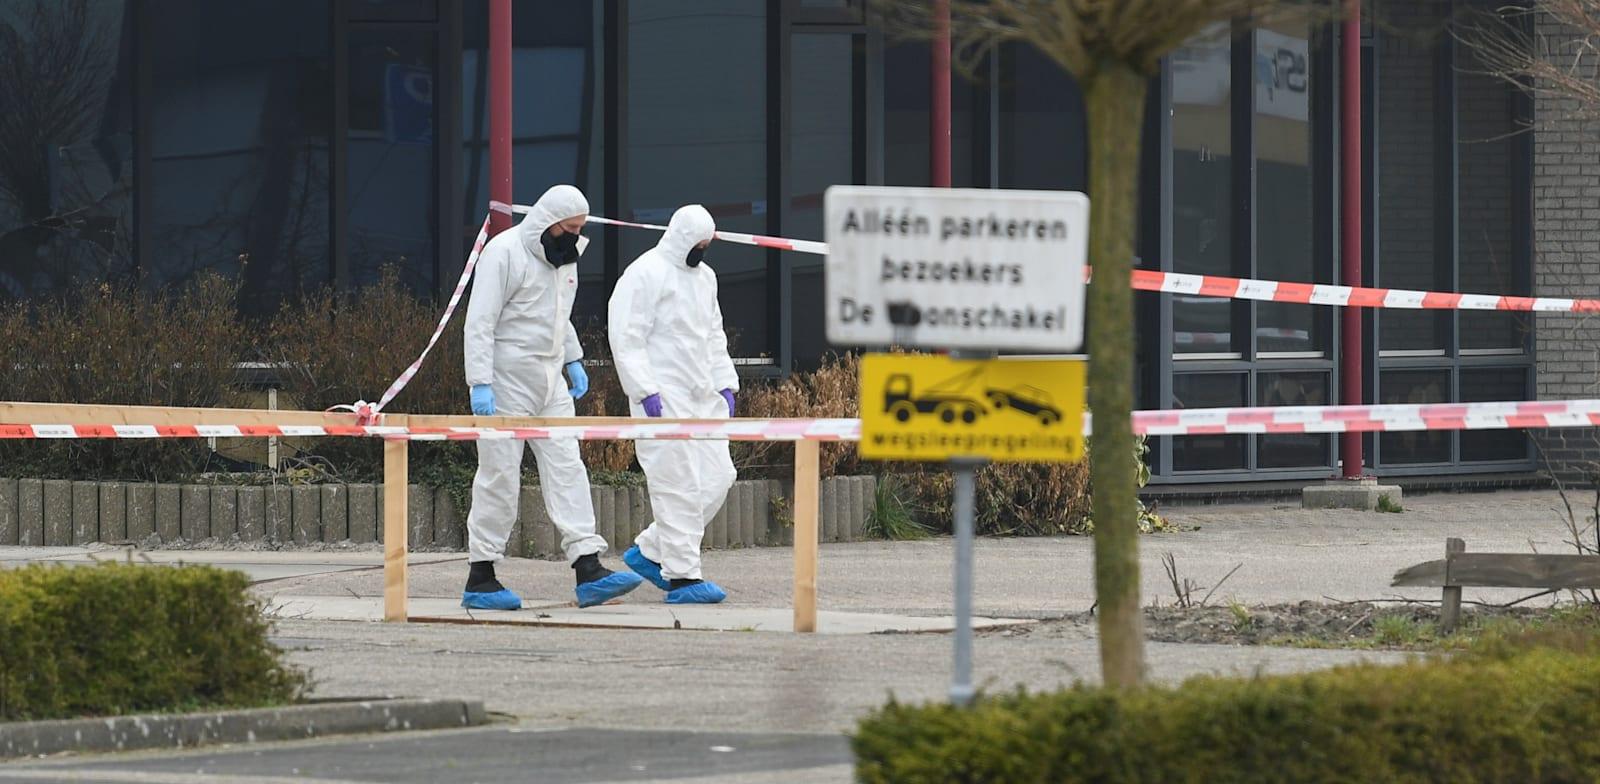 """מיקום הפיצוץ נבדק על ידי חוקי מז""""פ / צילום: Reuters, Piroschka Van De Wouw"""